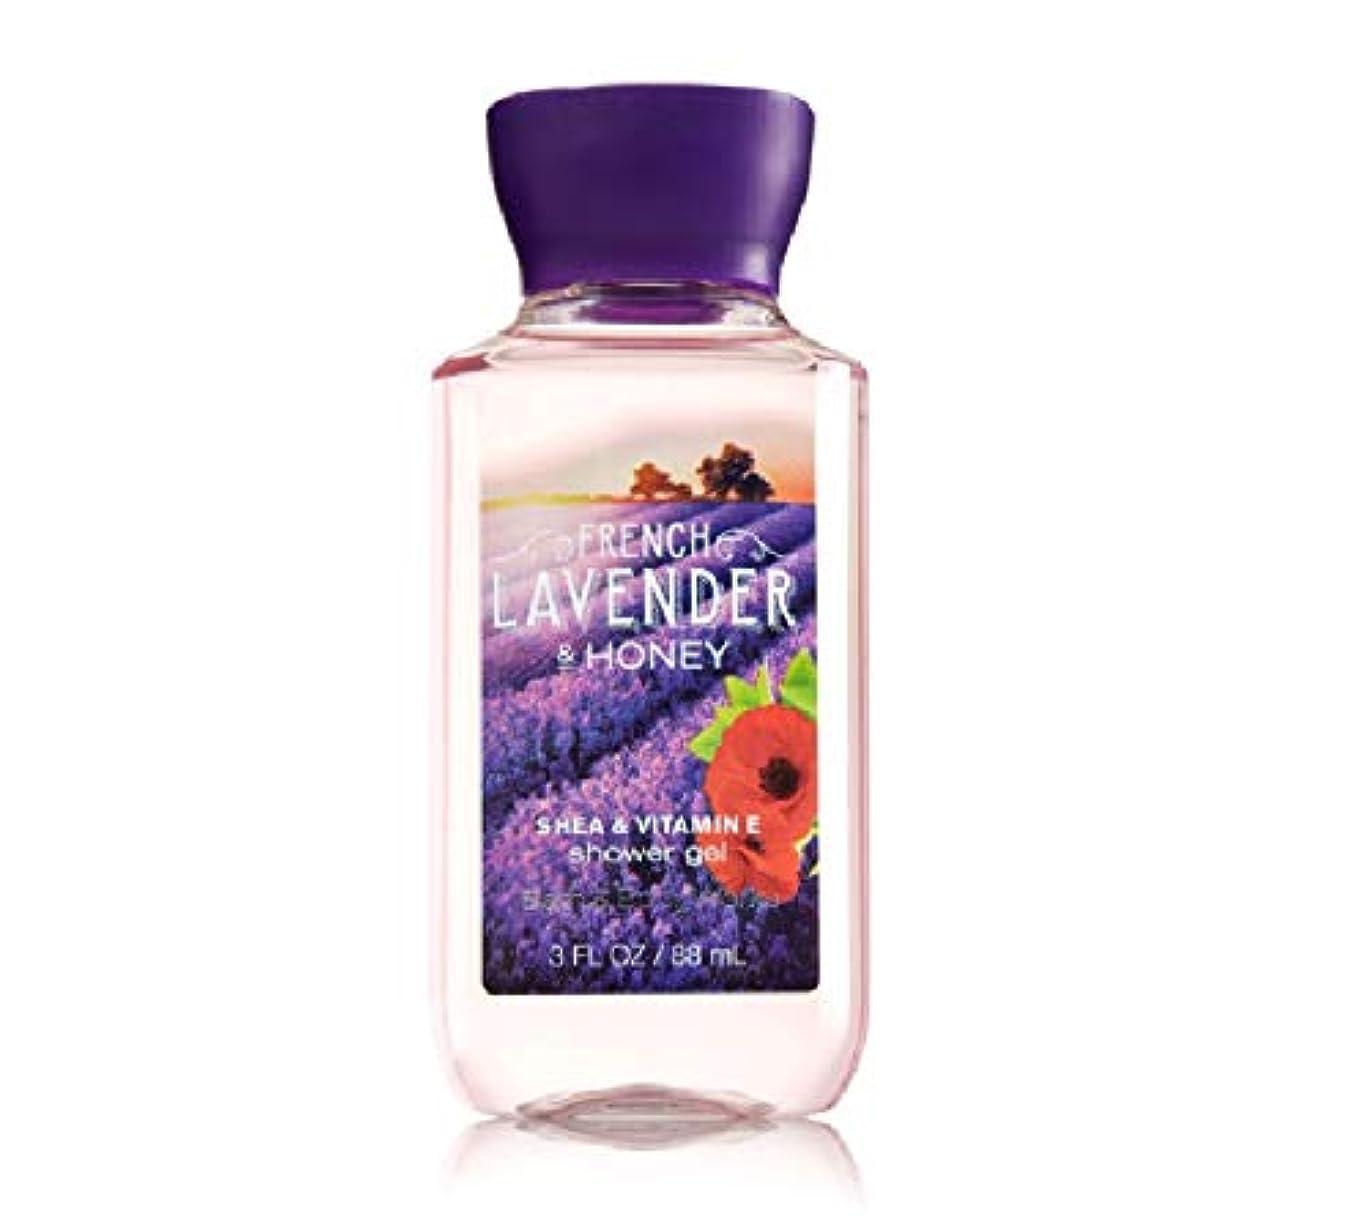 ワーディアンケース広範囲に接続詞バス&ボディワークス フレンチラベンダー&ハニー ボディソープ French Lavender & honey トラベルサイズ [並行輸入品]